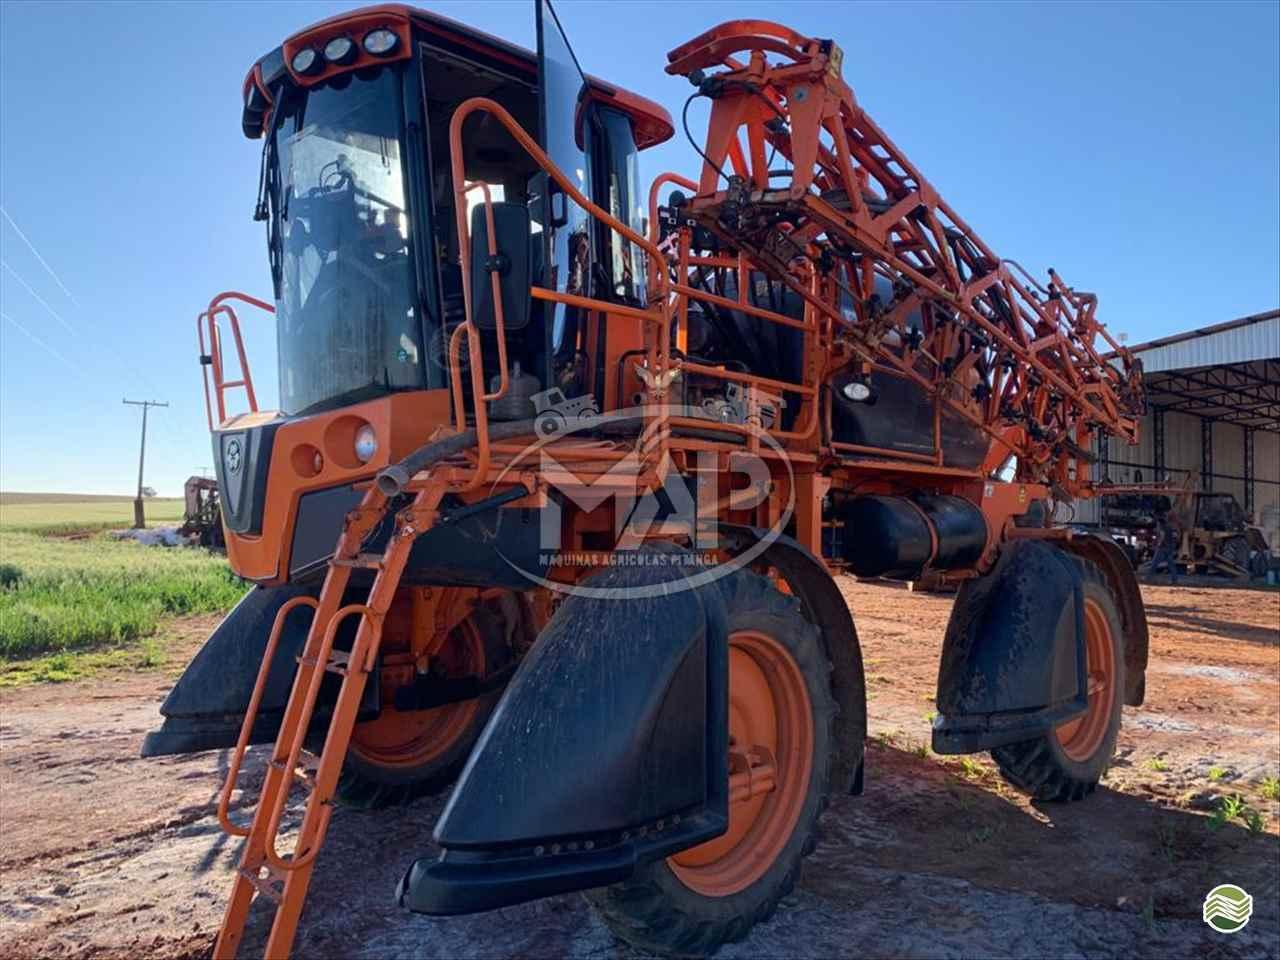 PULVERIZADOR JACTO UNIPORT 2500 STAR Tração 4x2 Máquinas Agrícolas Pitanga PITANGA PARANÁ PR